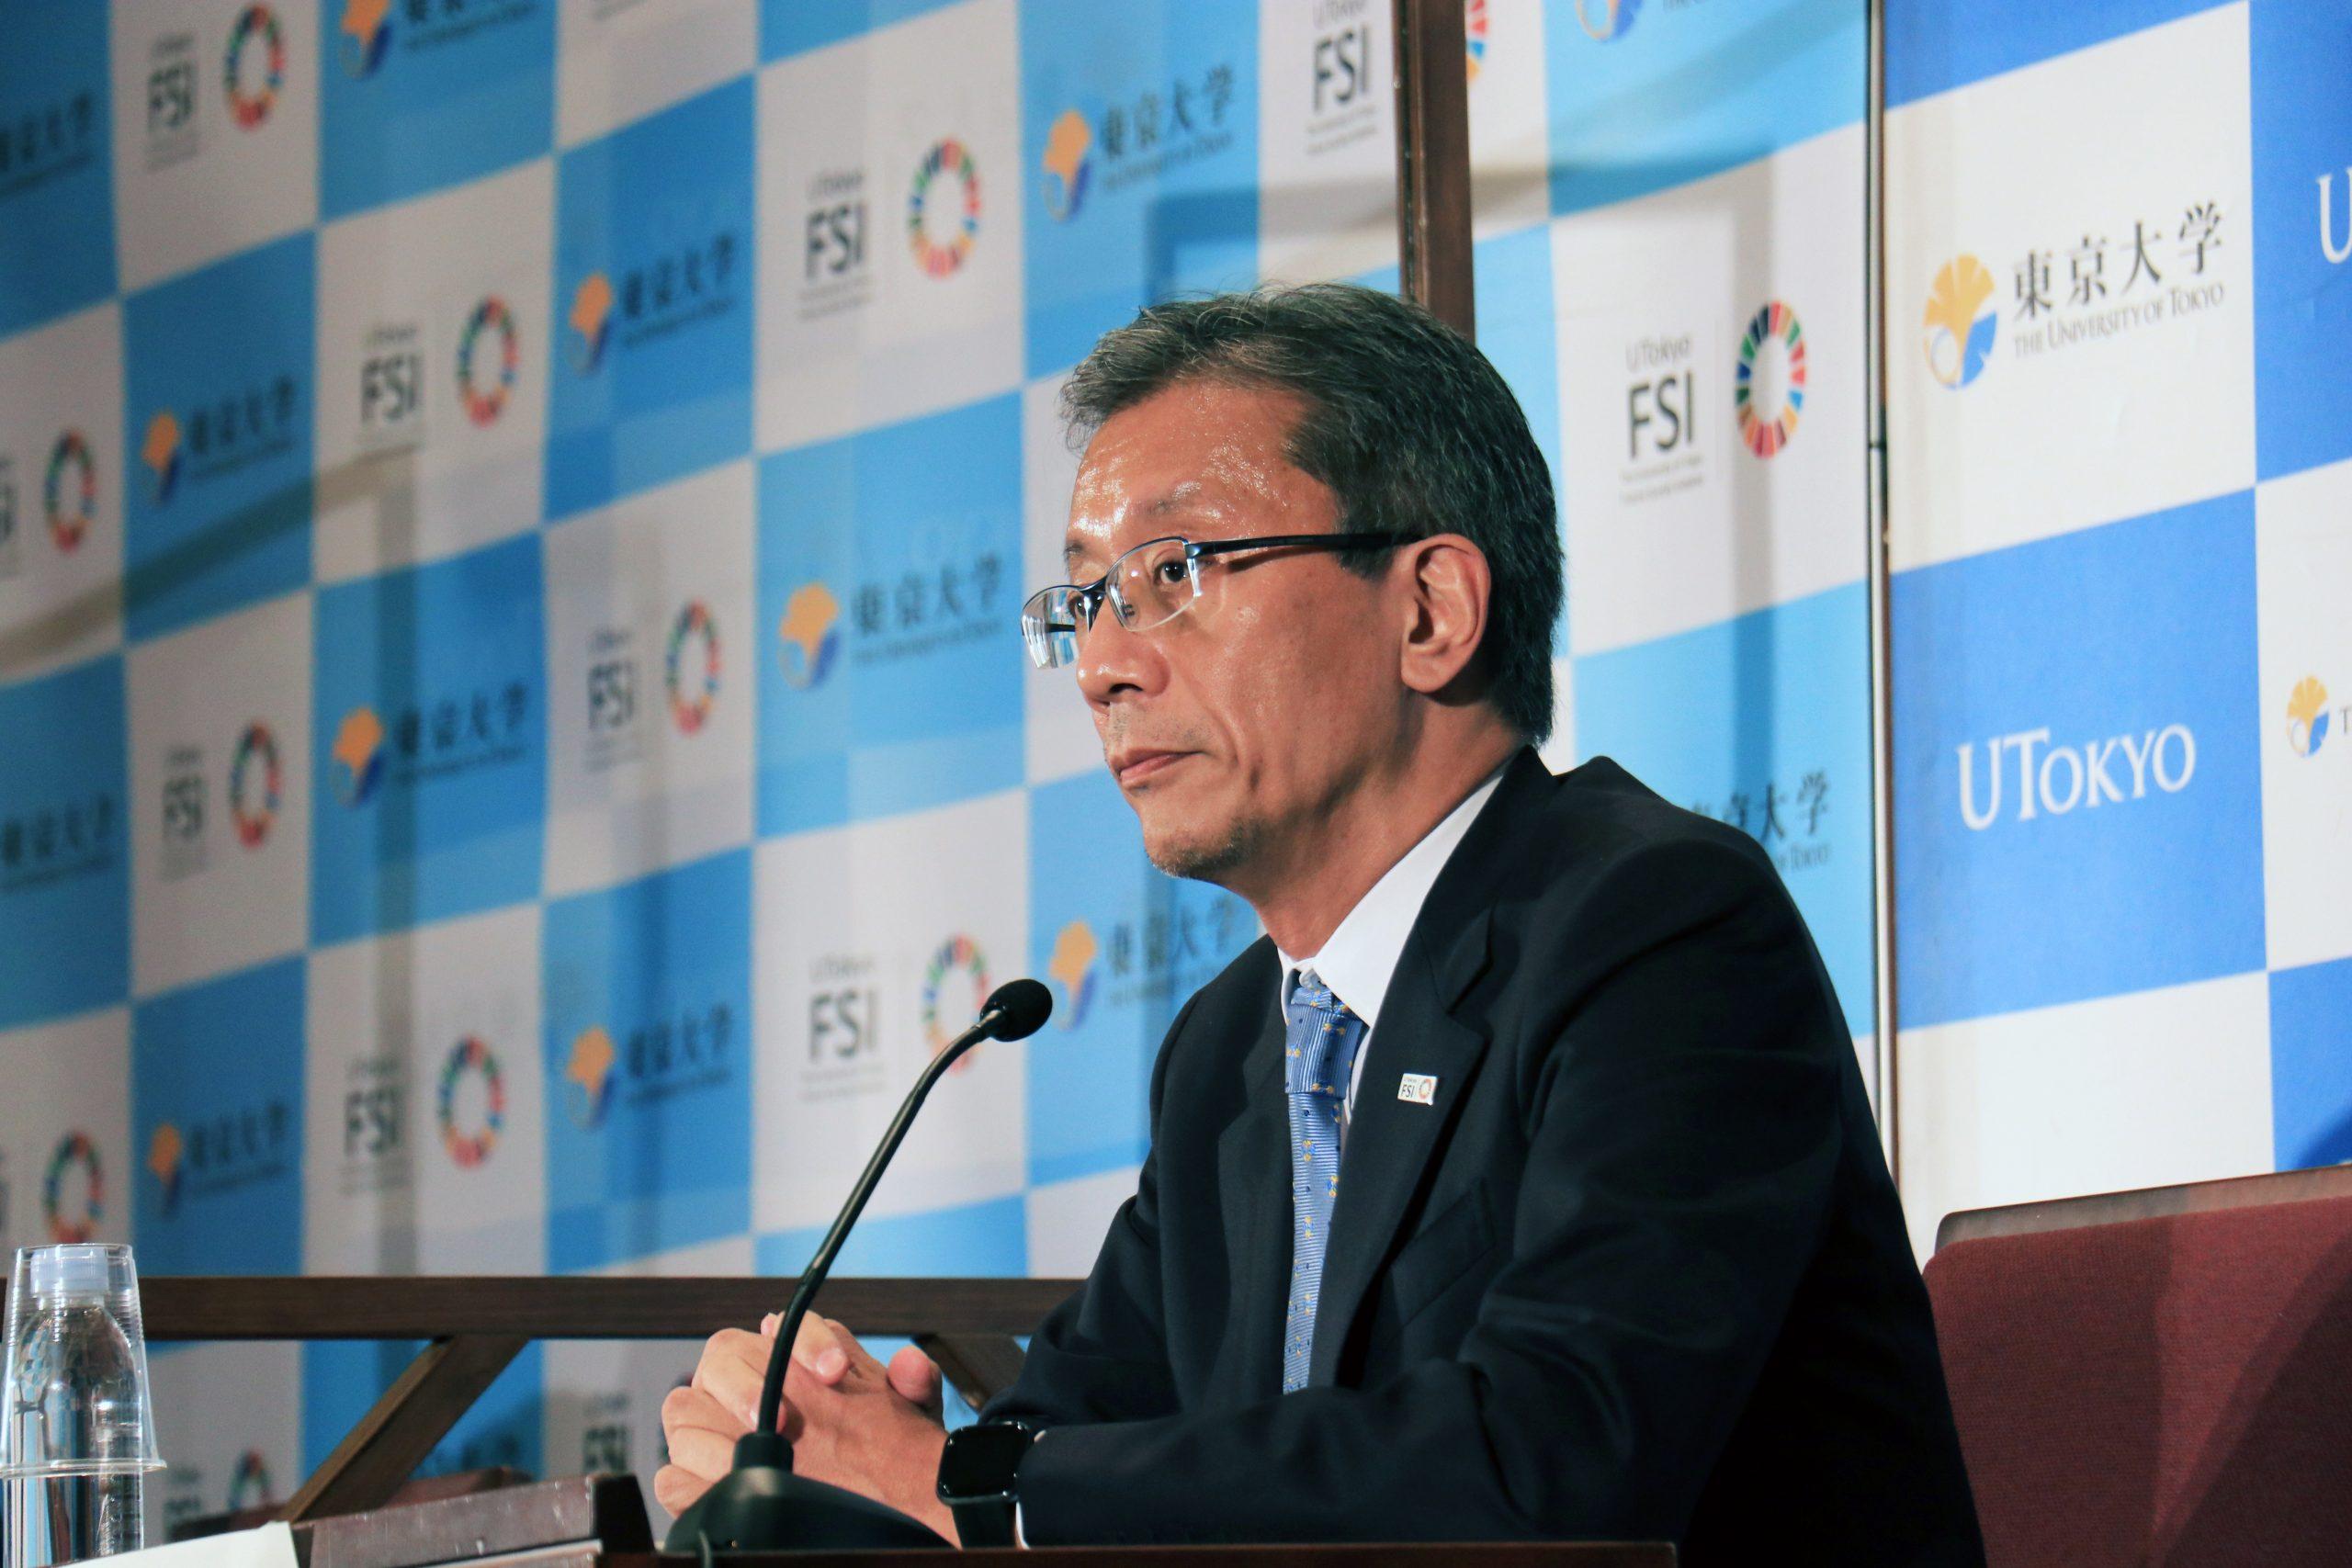 次期総長予定者に決まり、記者会見に臨む藤井理事・副学長